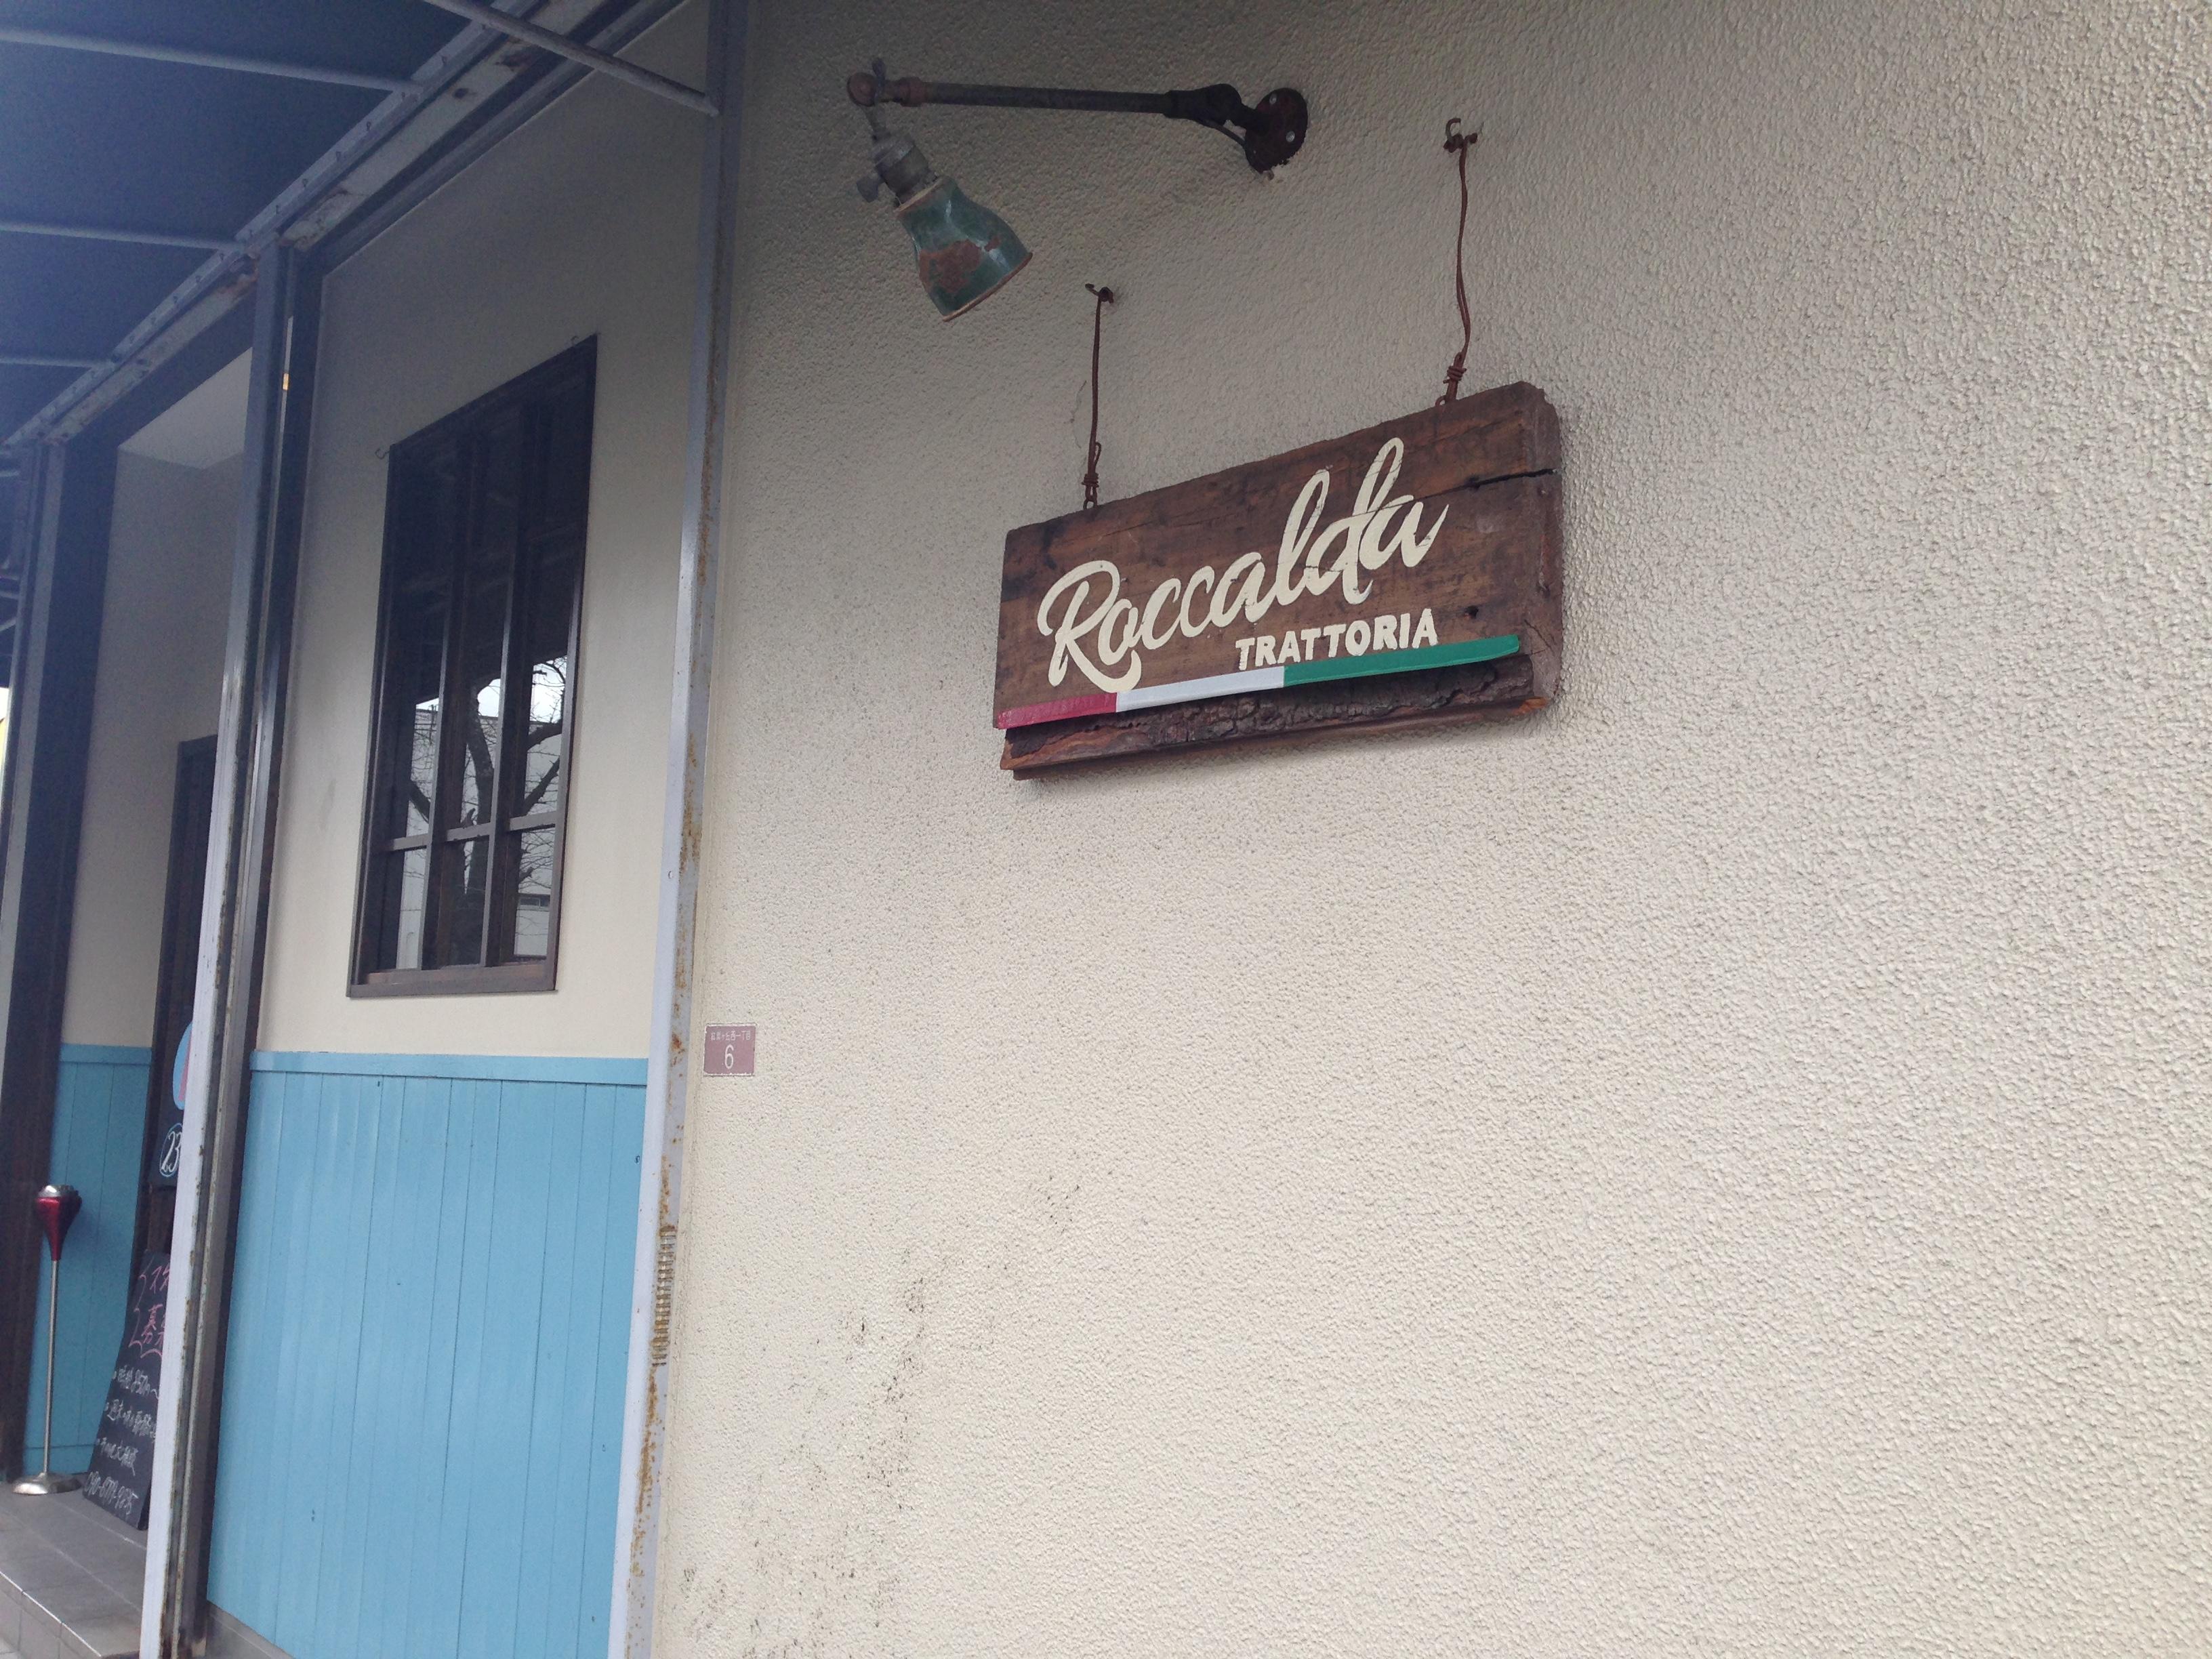 【春日  ロッカルダ】でランチ!ぐるなびとかに載ってないお店ー。